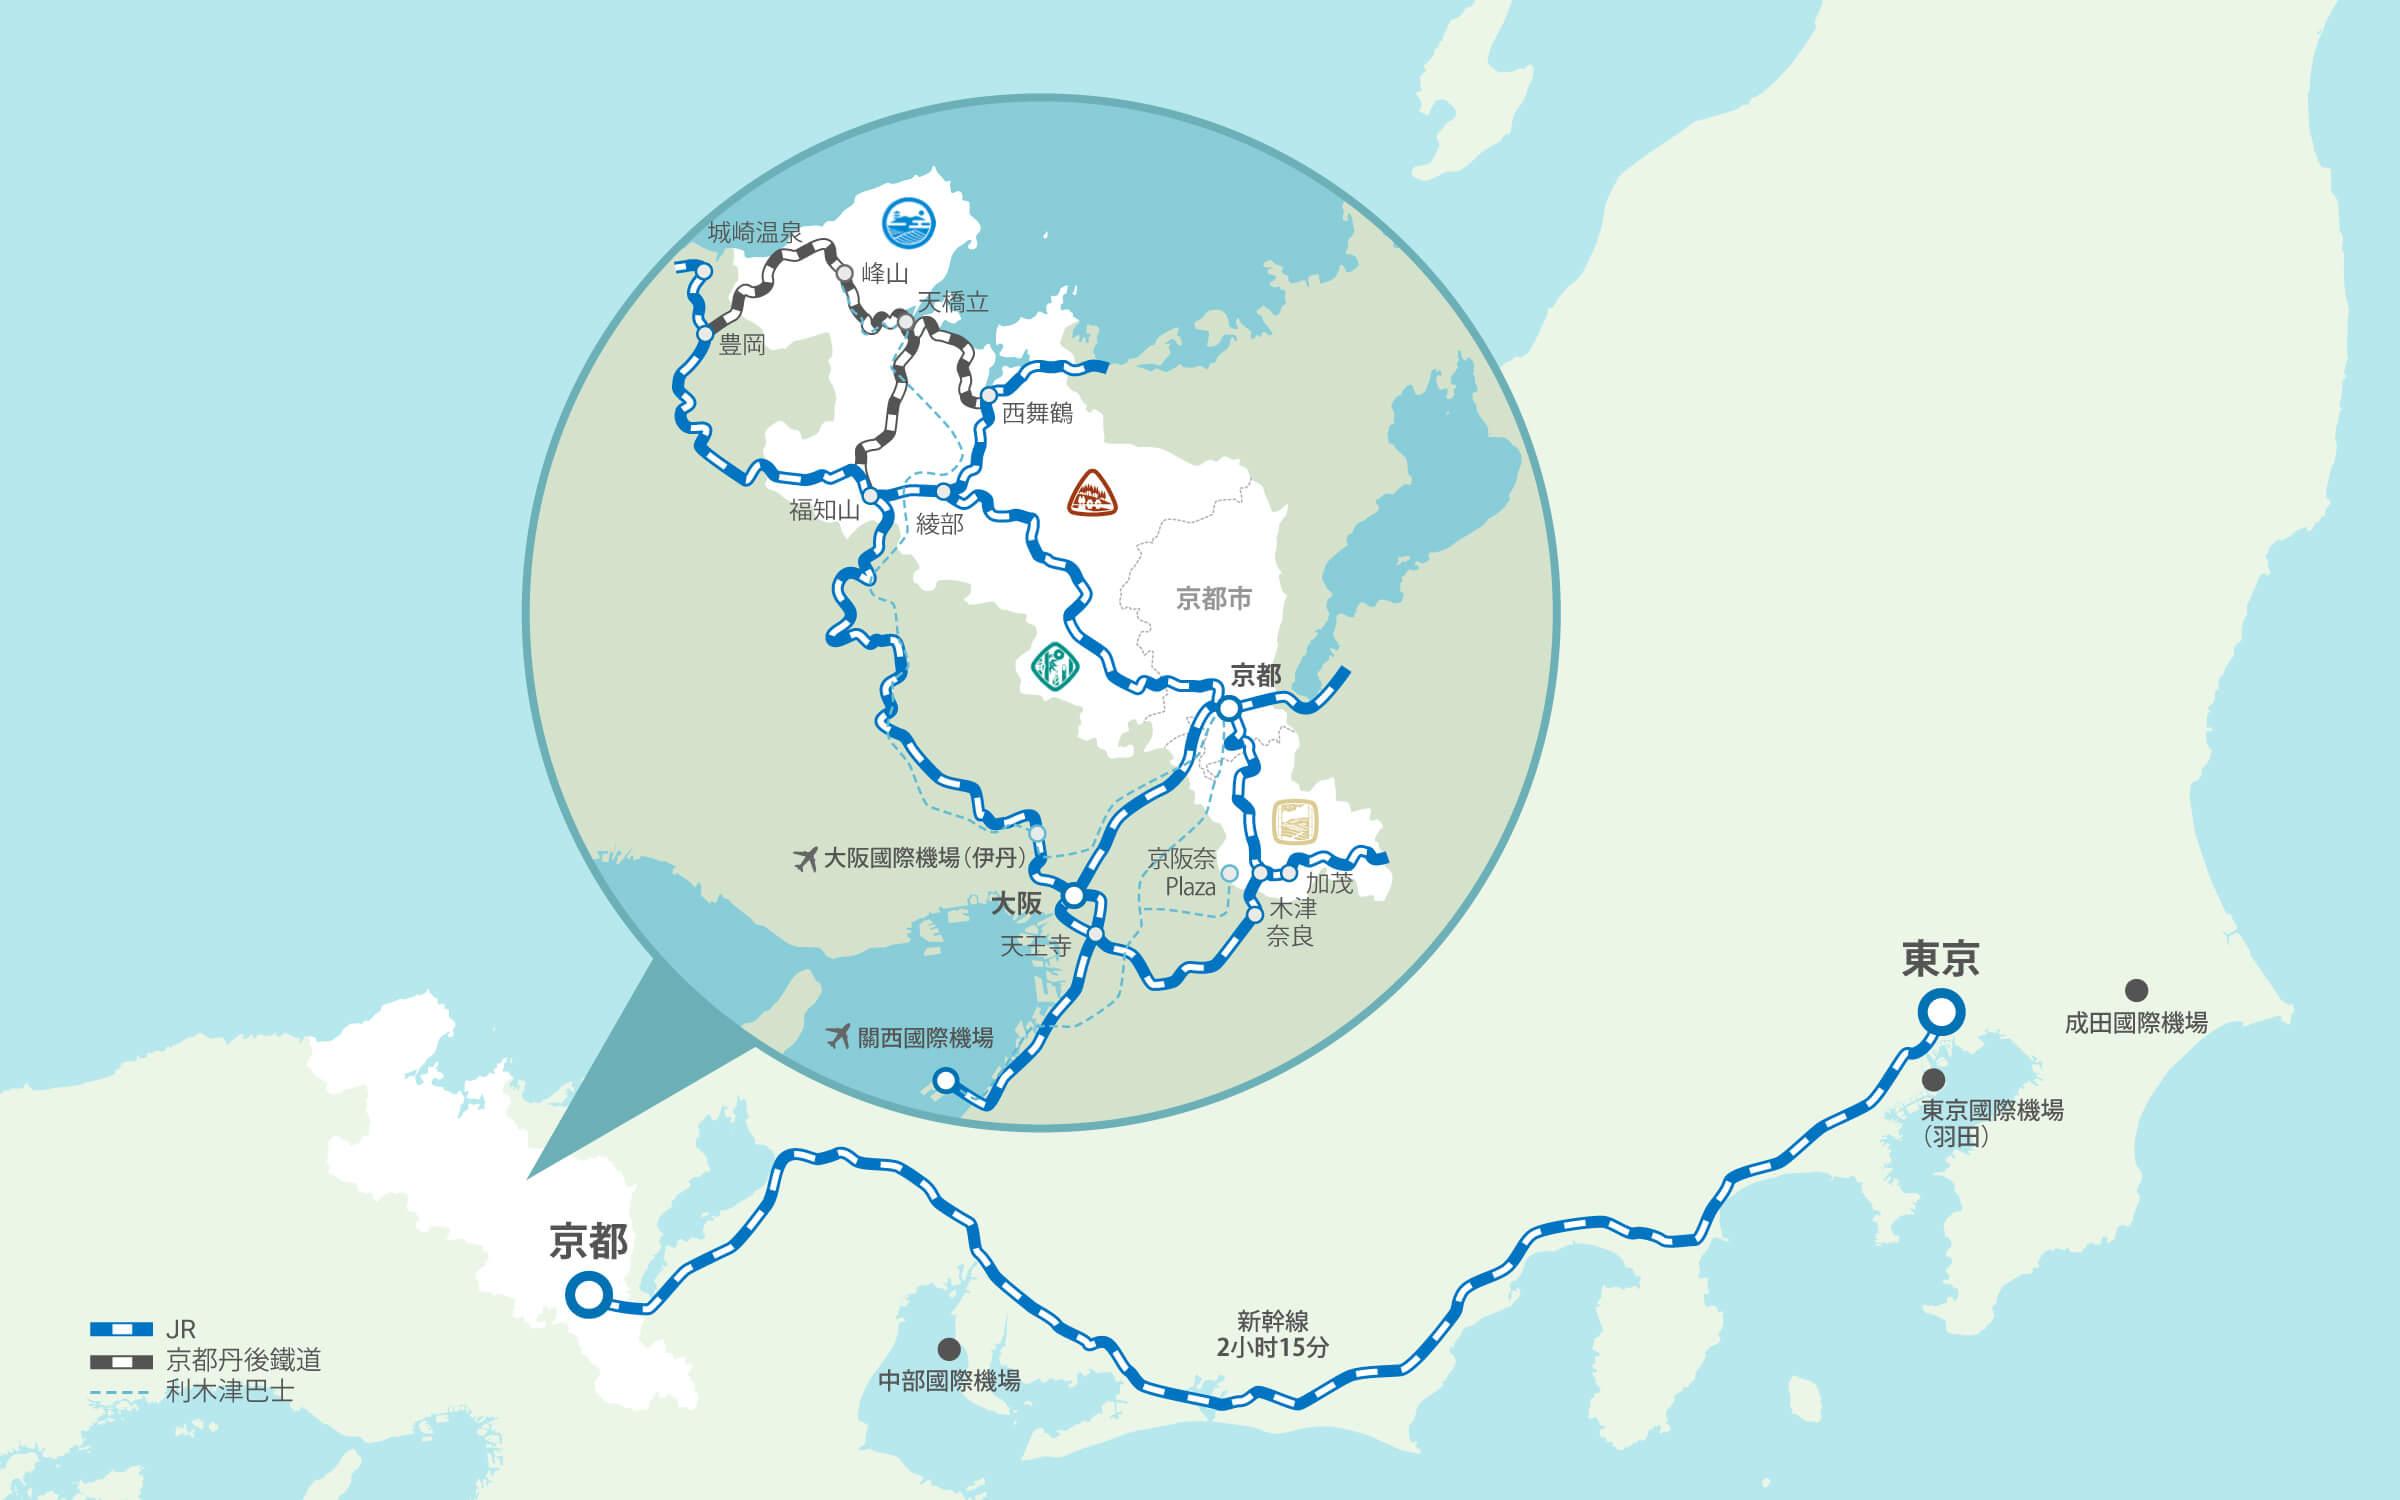 從鄰近城市到京都的交通路線圖